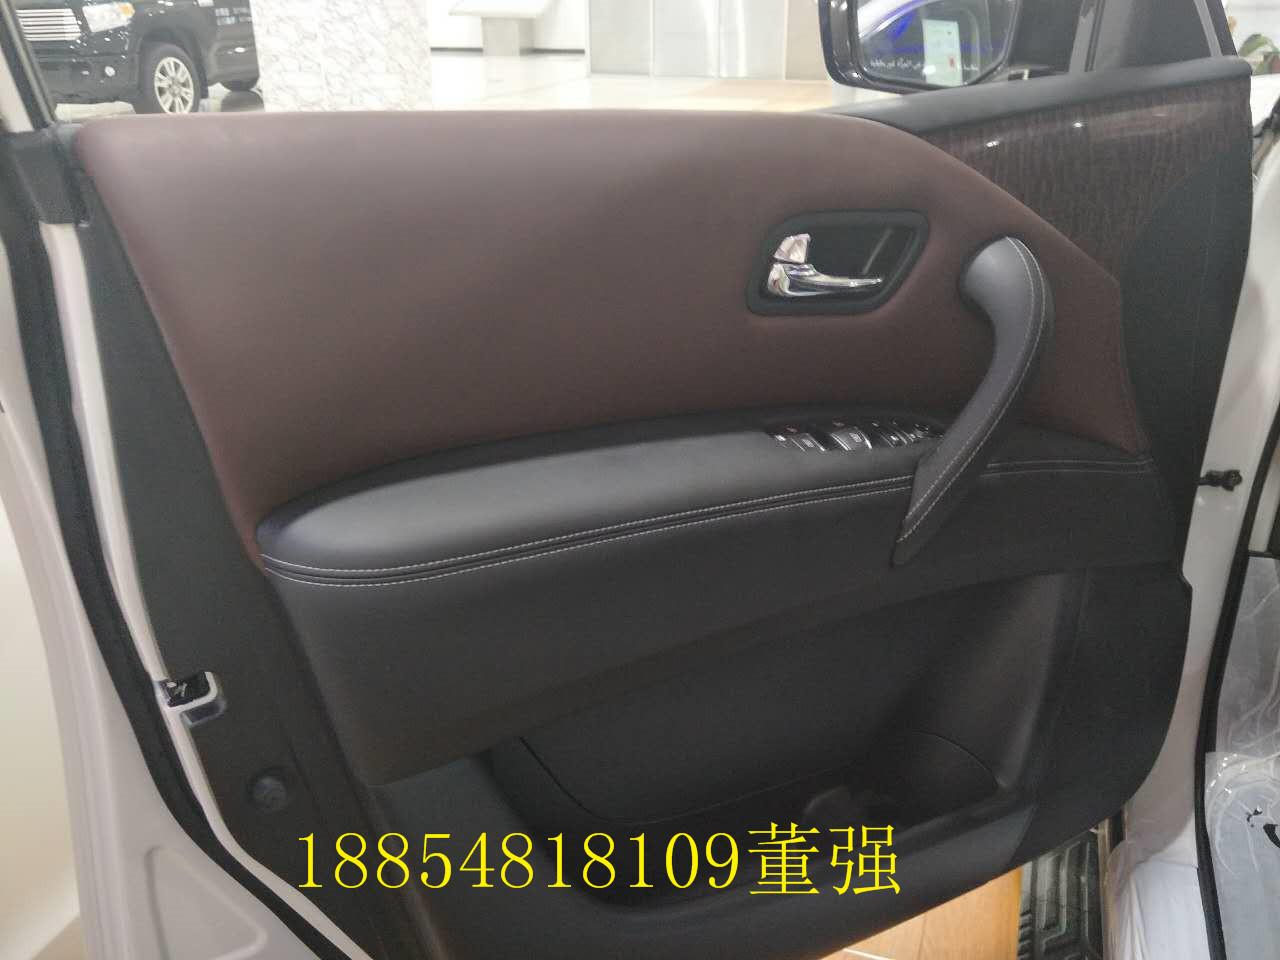 2f7db0c45360a435.jpg